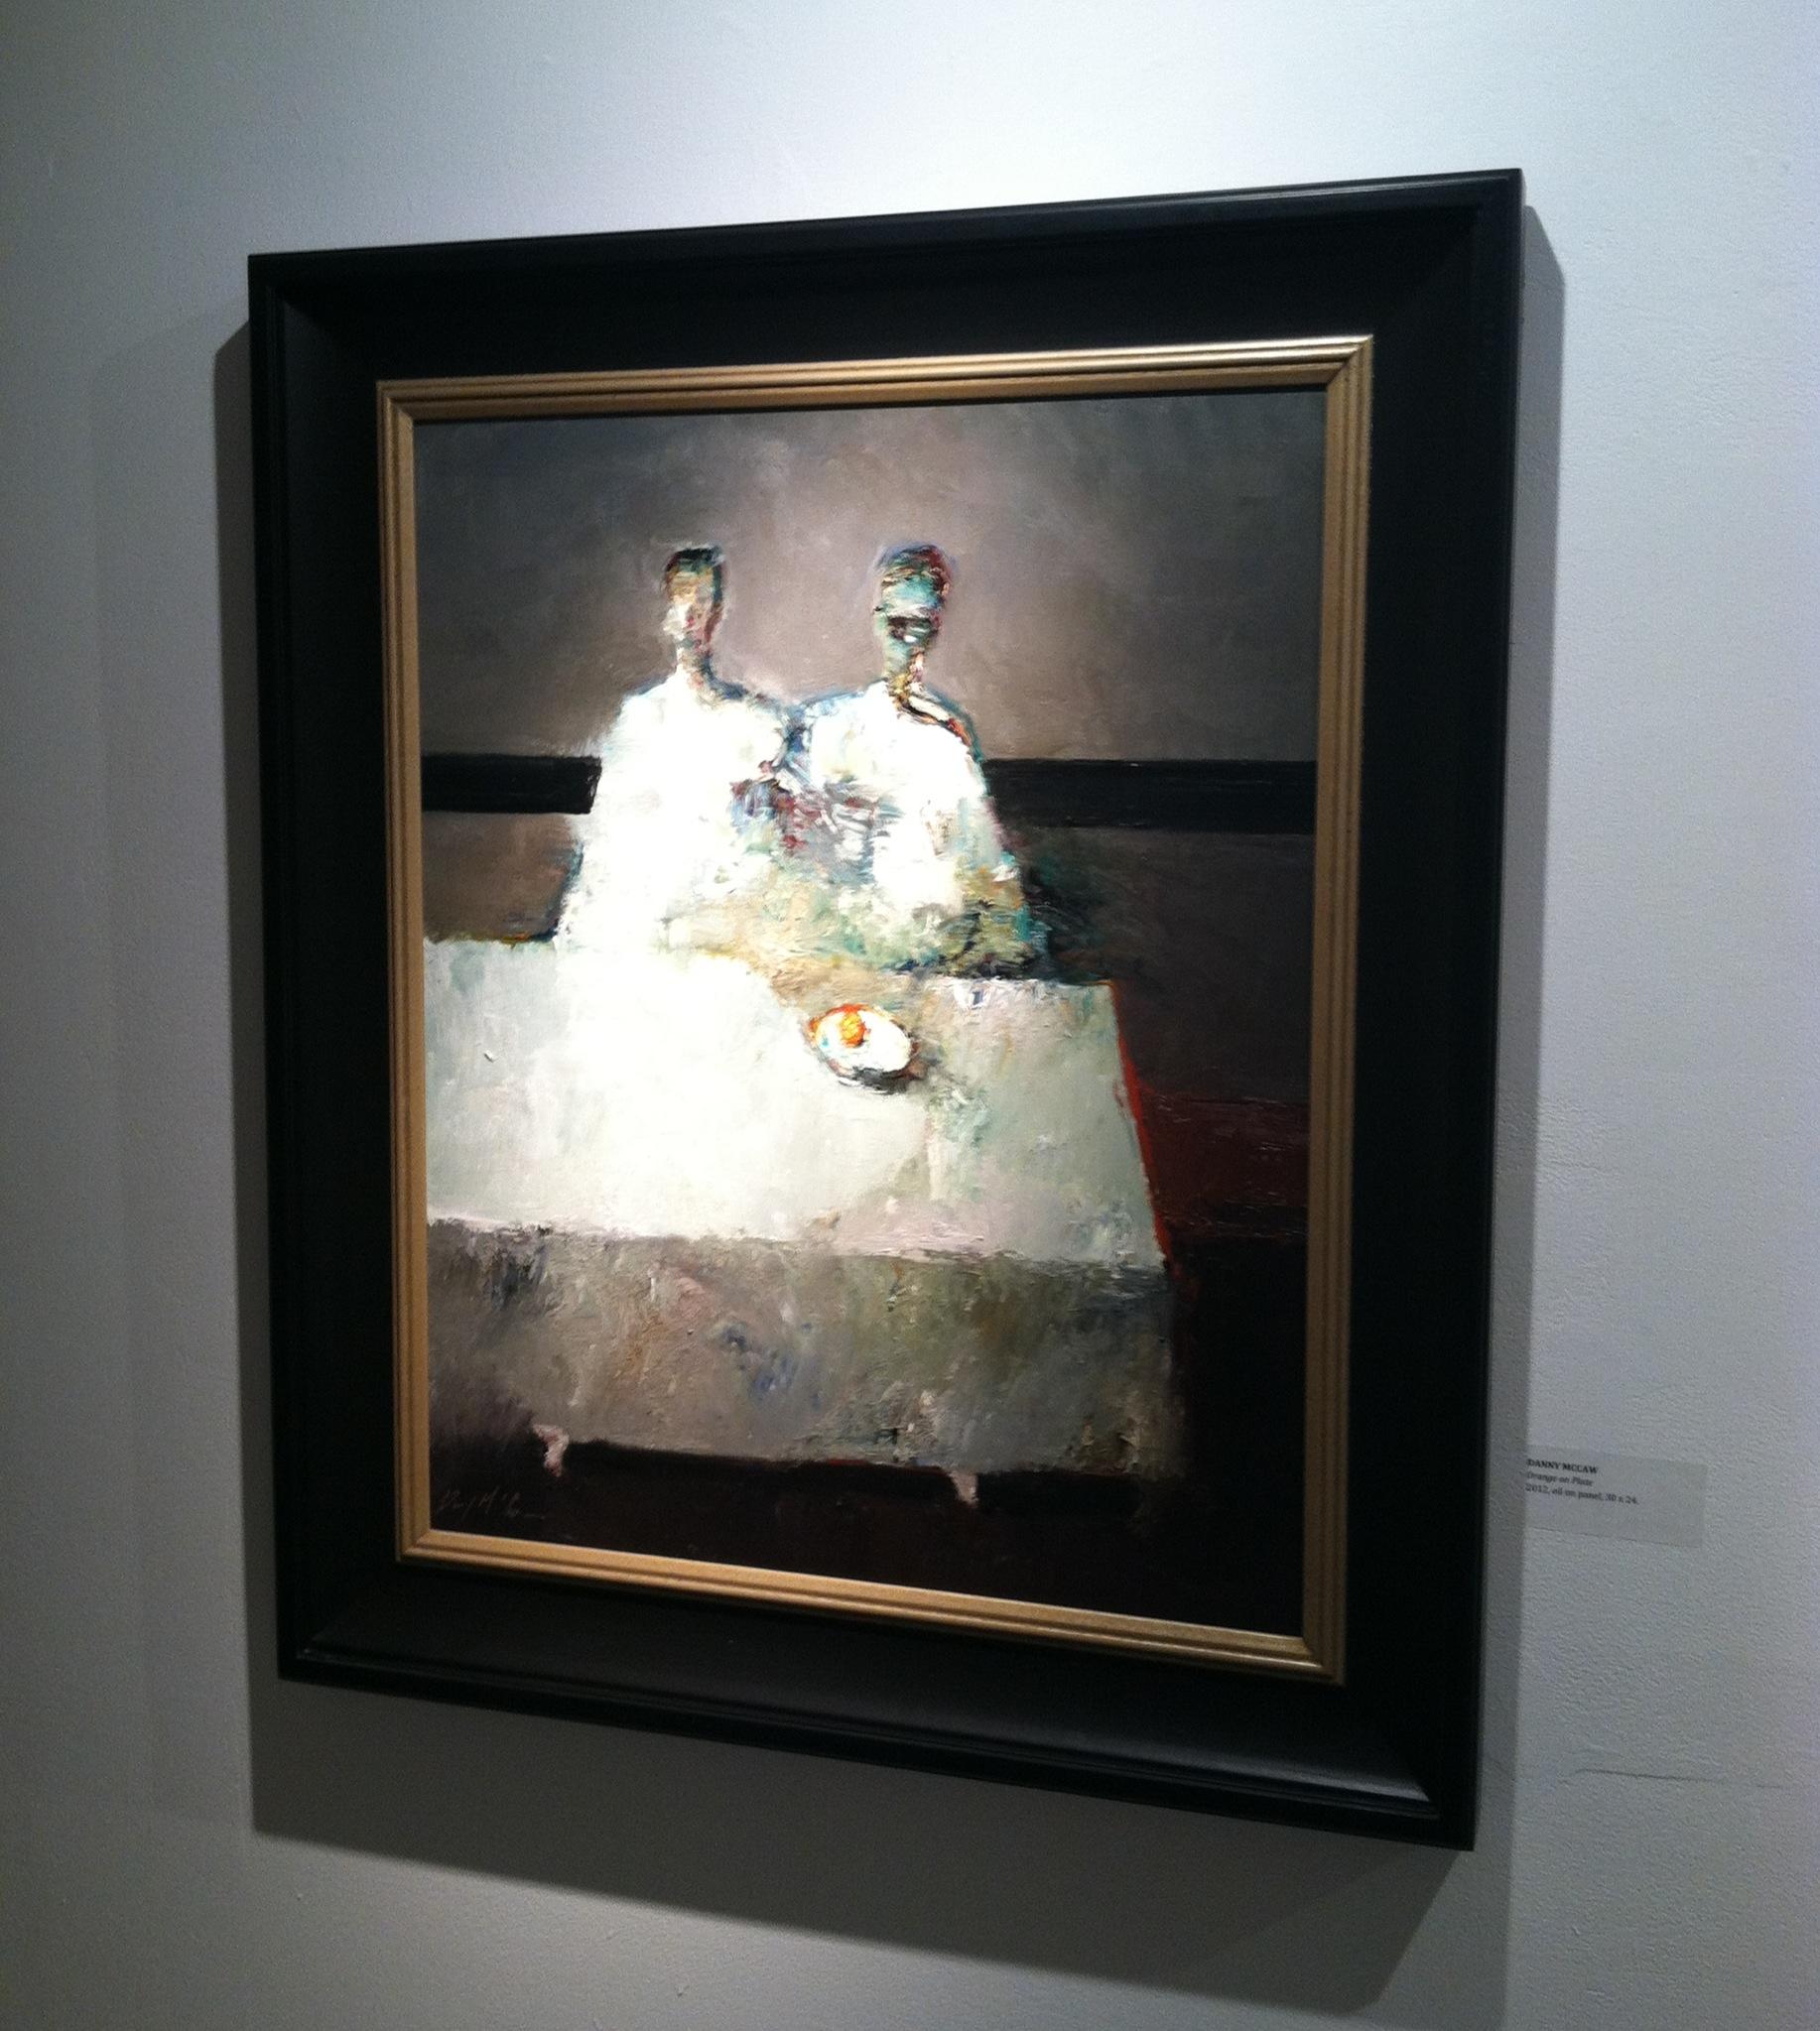 'Orange on Plate', 30 x 24, Oil on Panel, 2012.